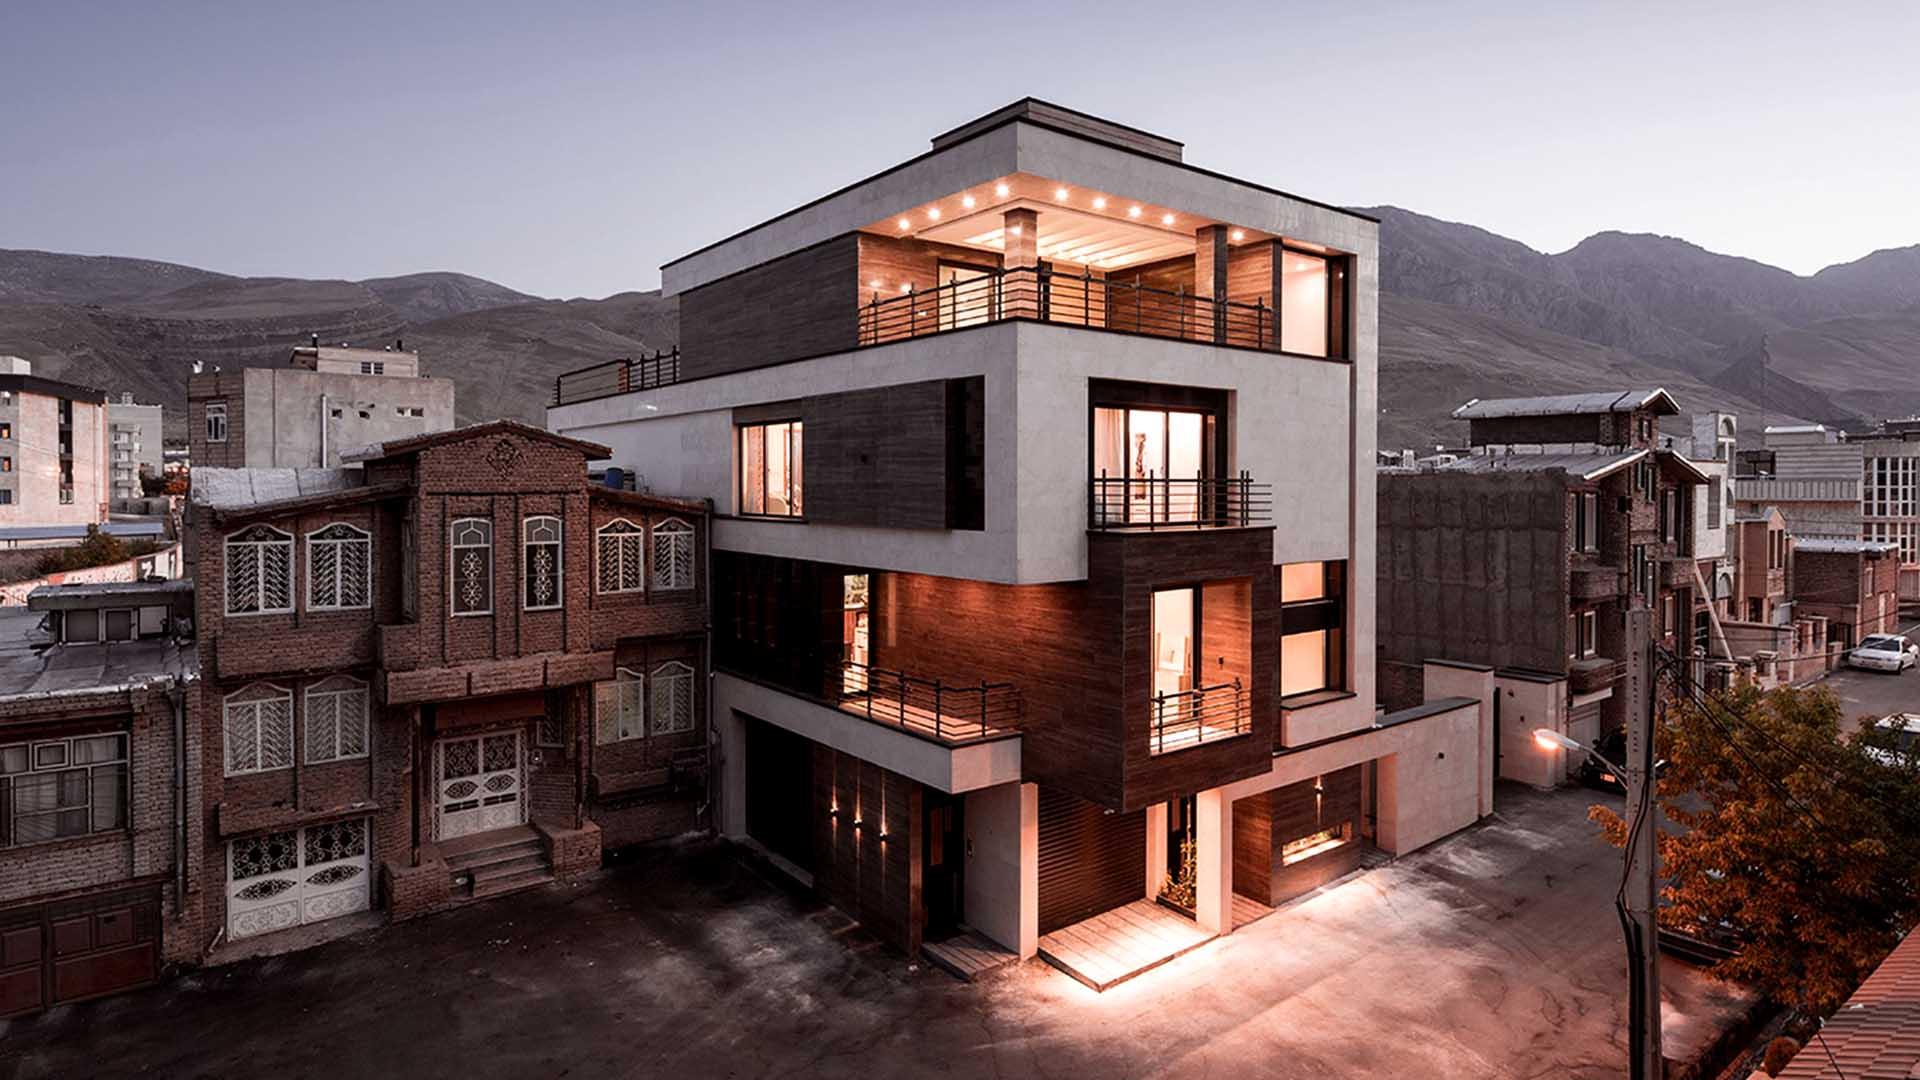 خانه شماره بیست 20 واقع در آذربایجان غربی شهر ماکو کاری از آتلیه معماری مکعب سفید